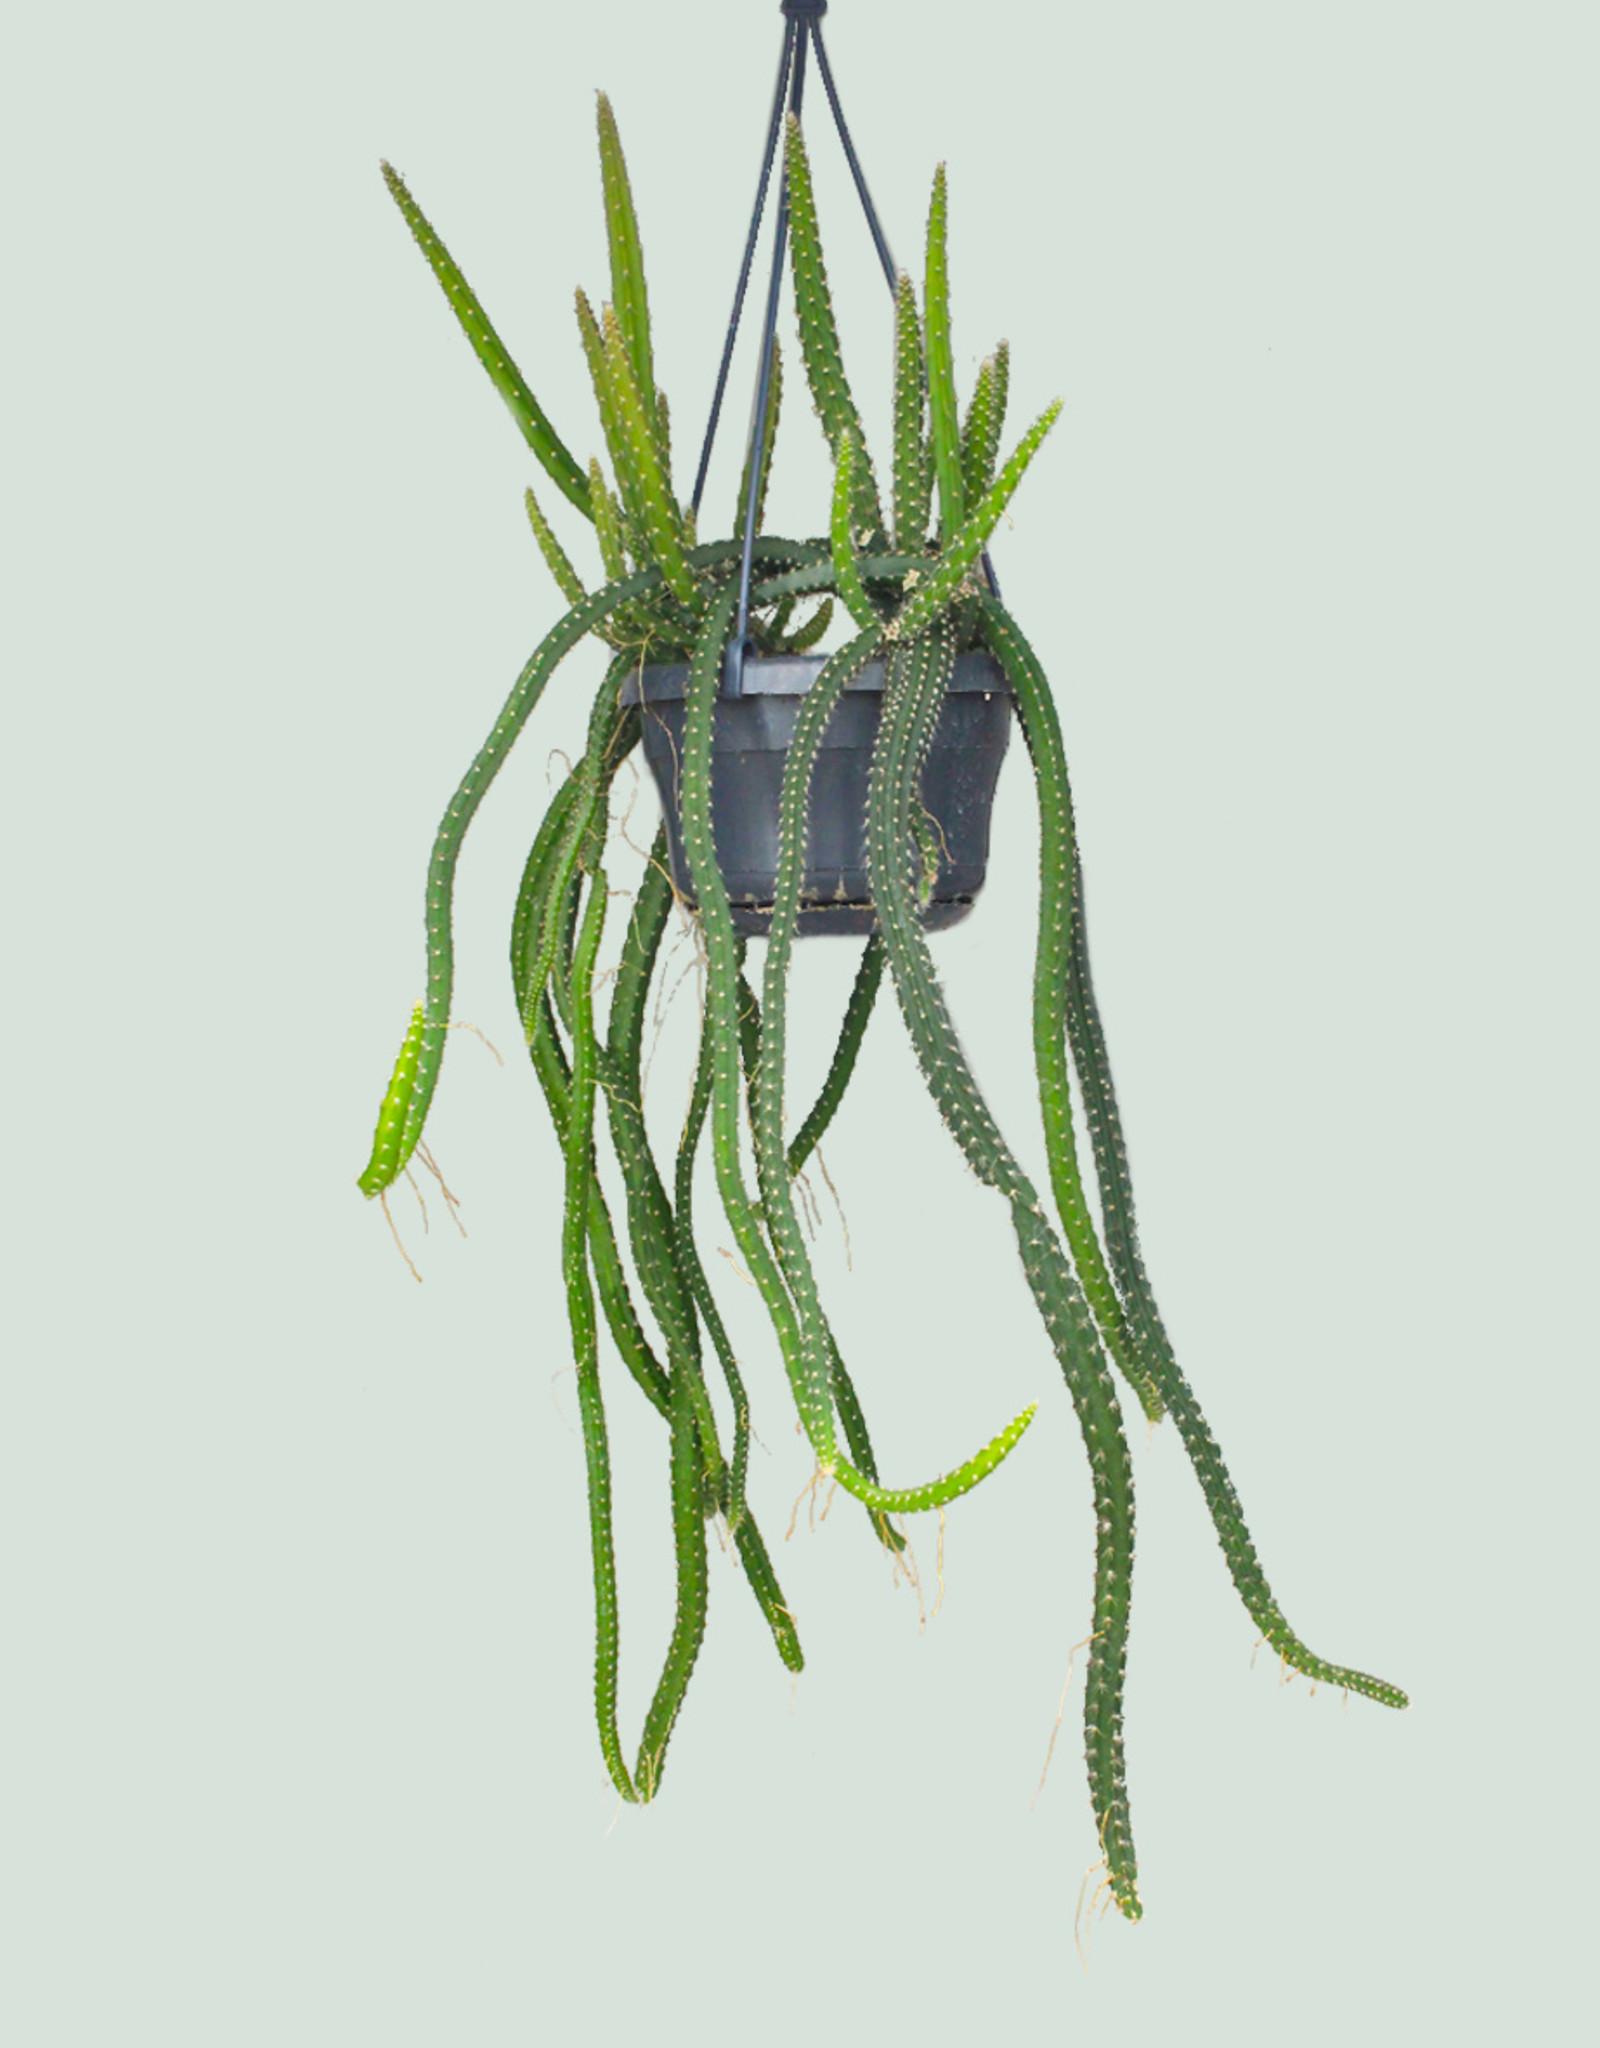 Selenicereus grandiflorus - Queen of the night